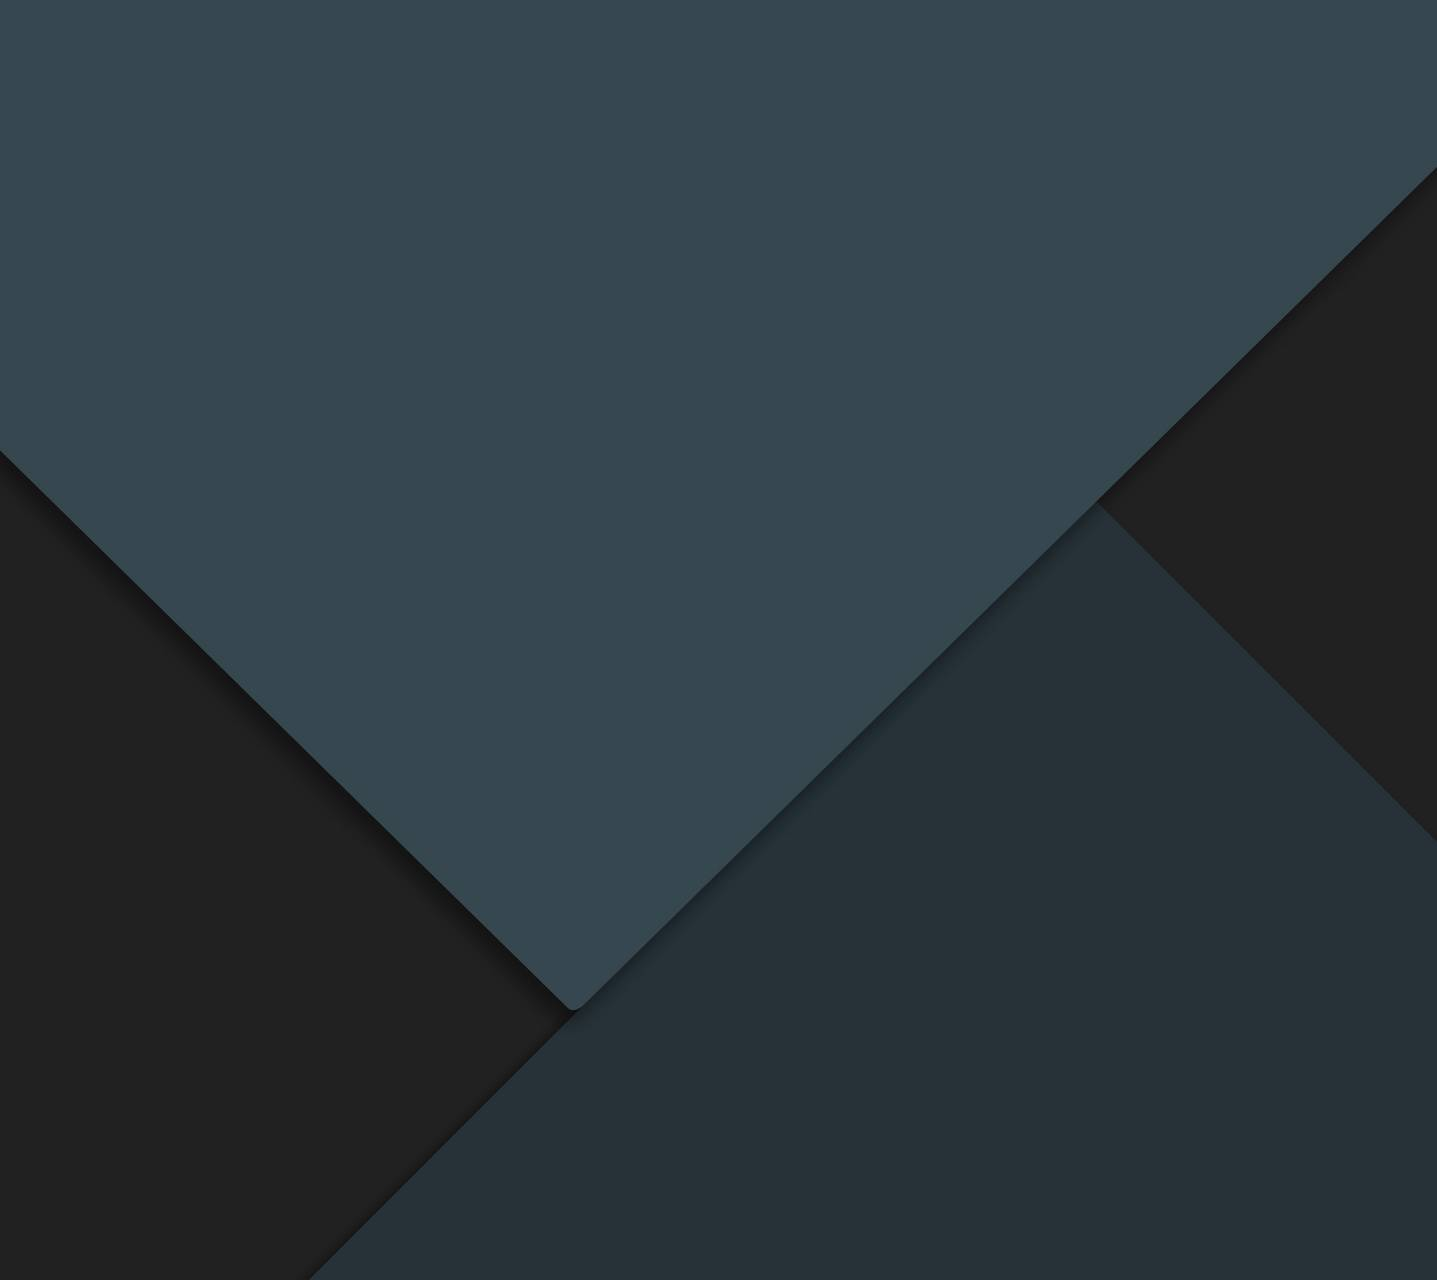 Dark Material